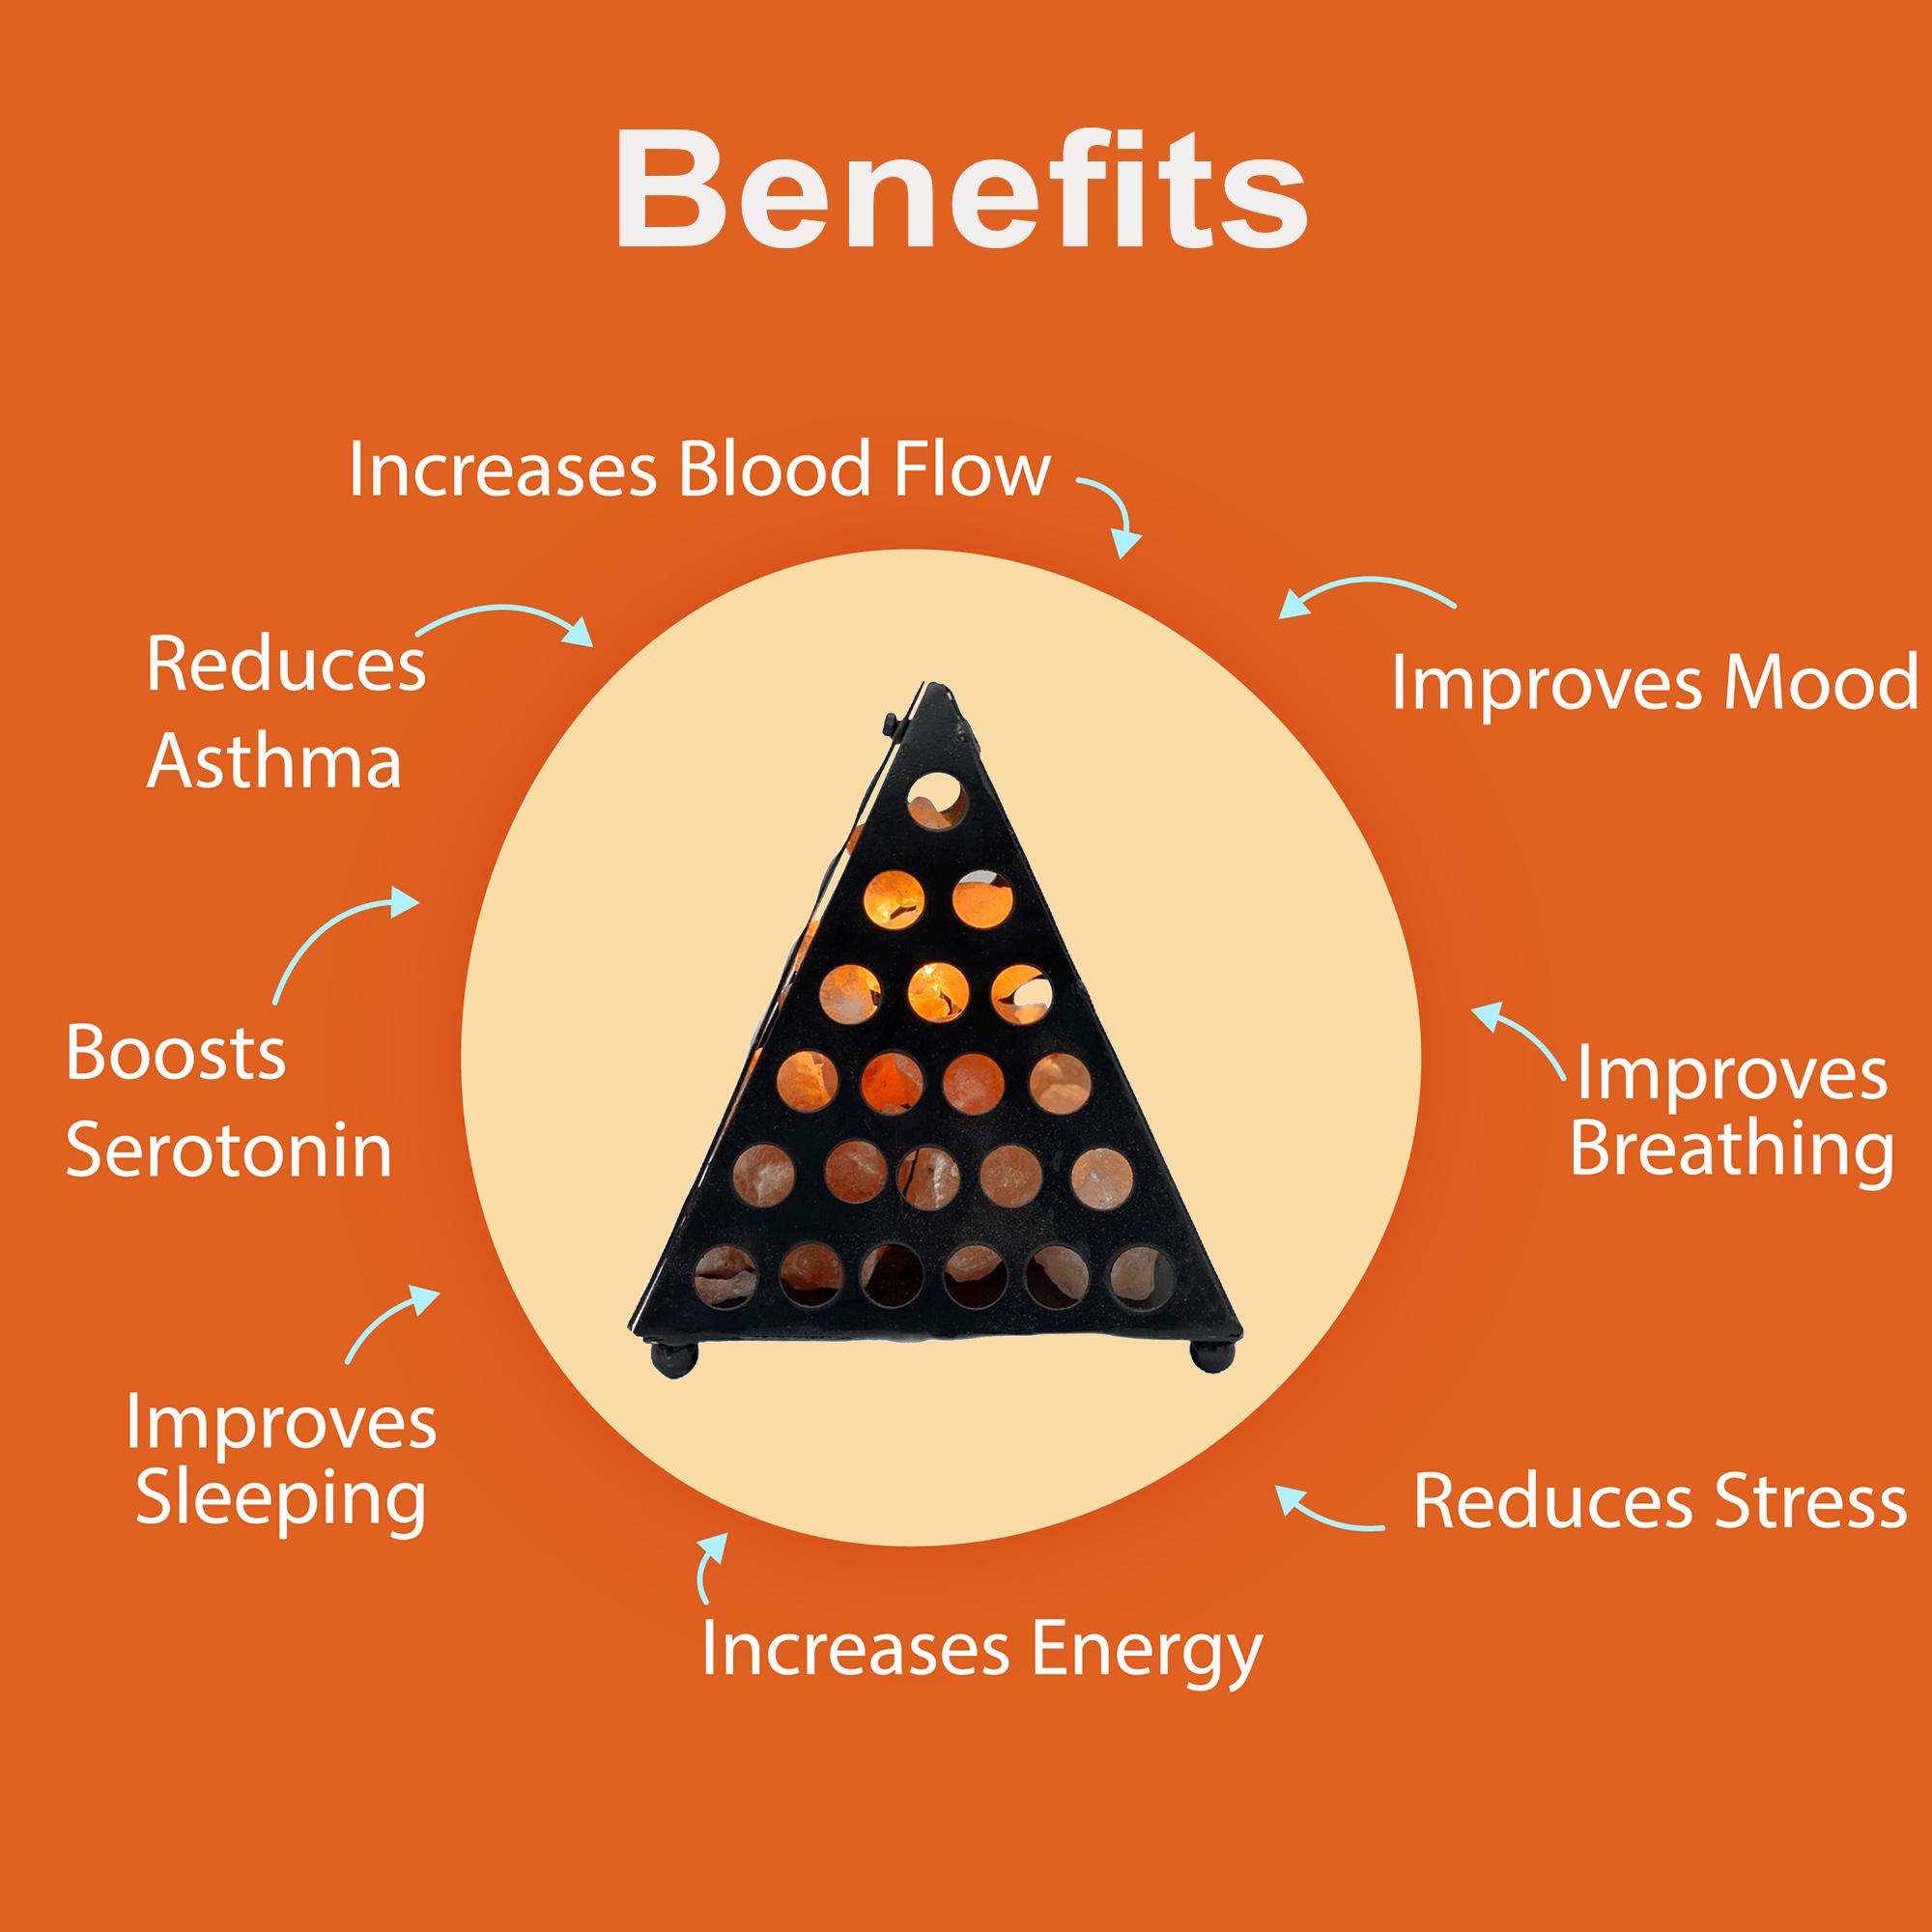 7 benefits 65 - Saltpur Himalayan Salts